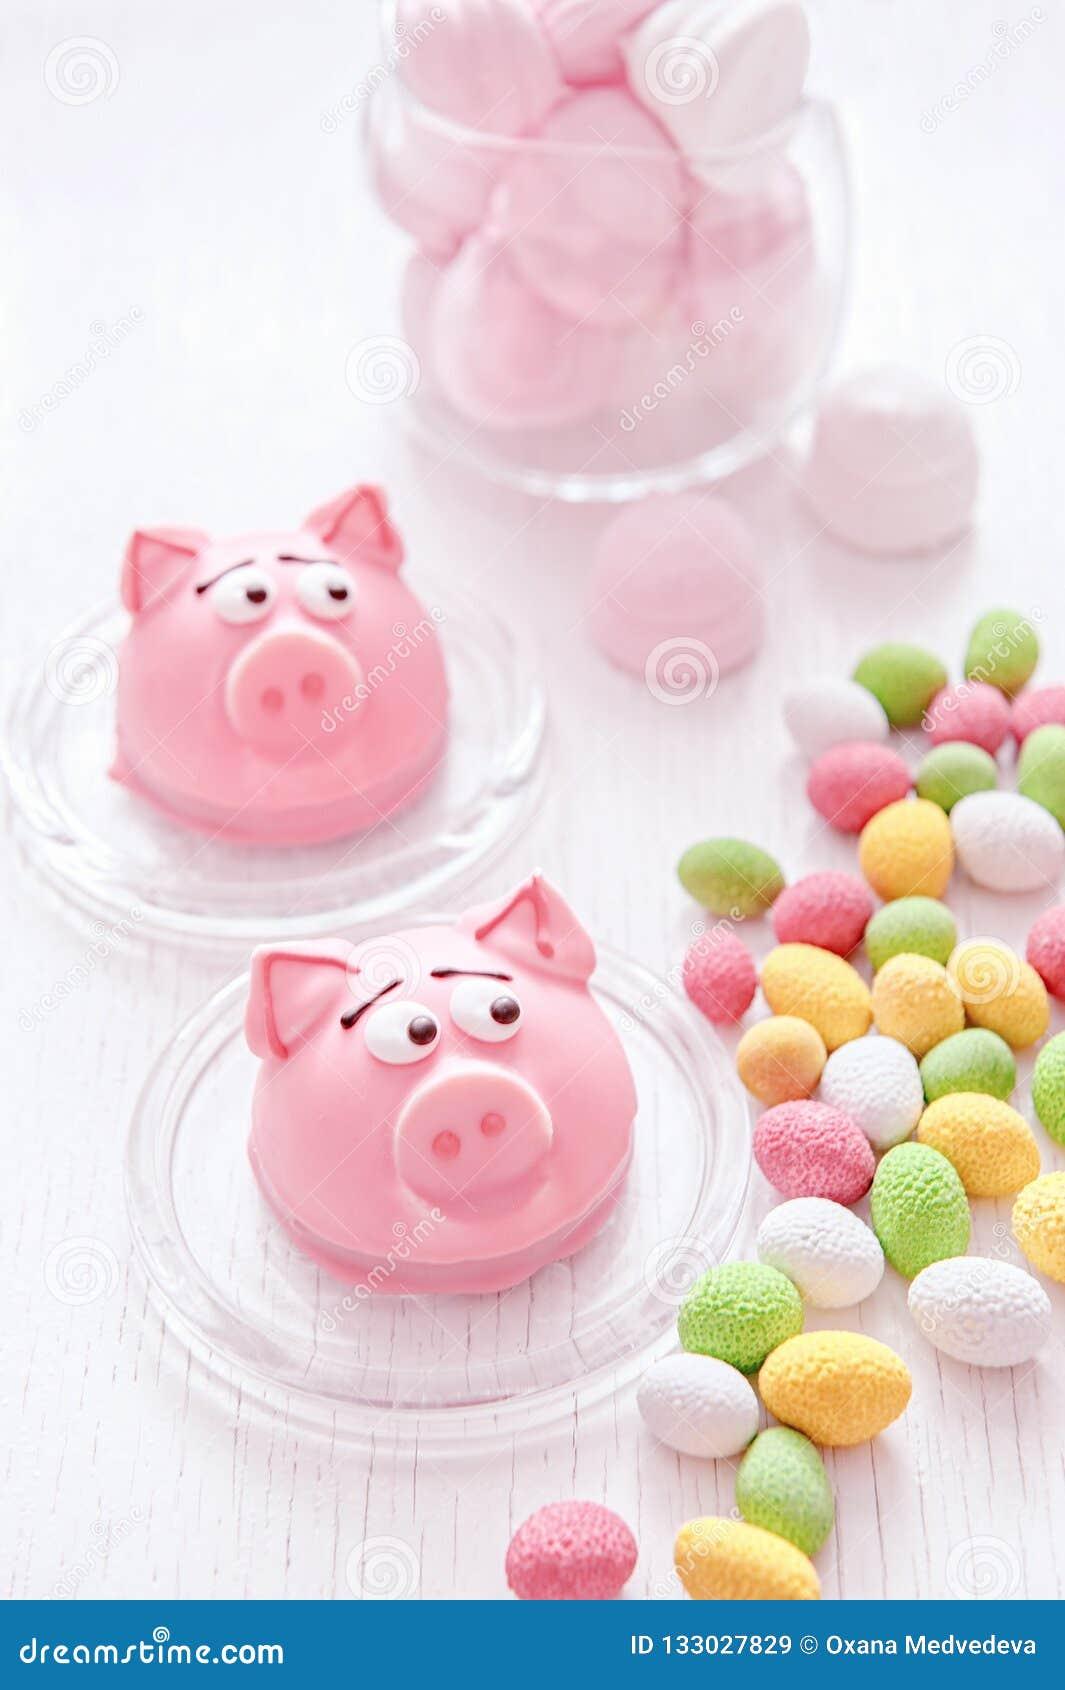 Massepain sous forme de symbole de la nouvelle année - porc rose, macarons sensibles doux, guimauves, arachides en sucre